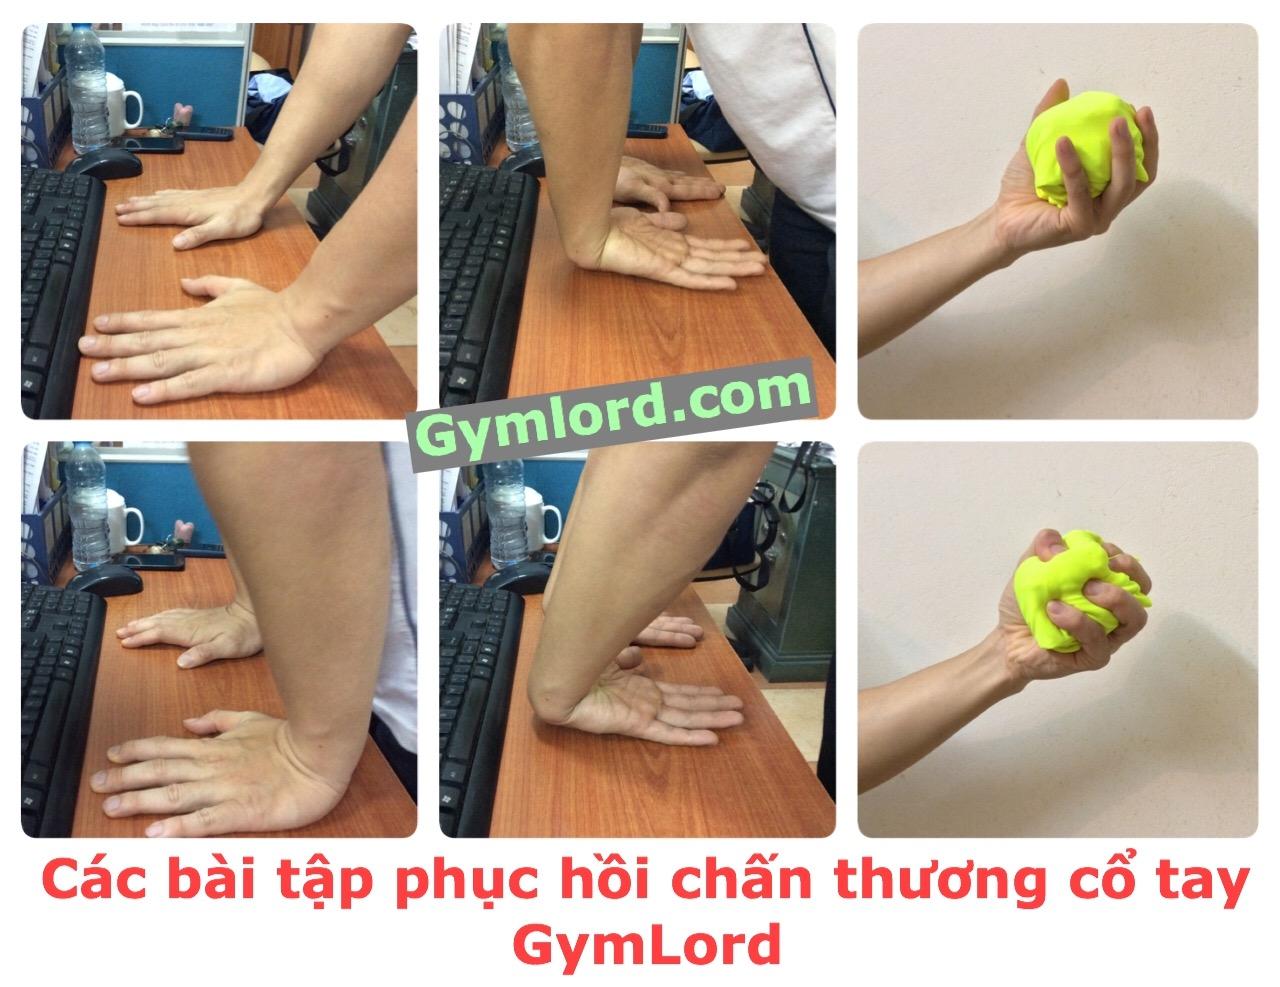 Bài tập phục hồi chấn thương cổ tay 1